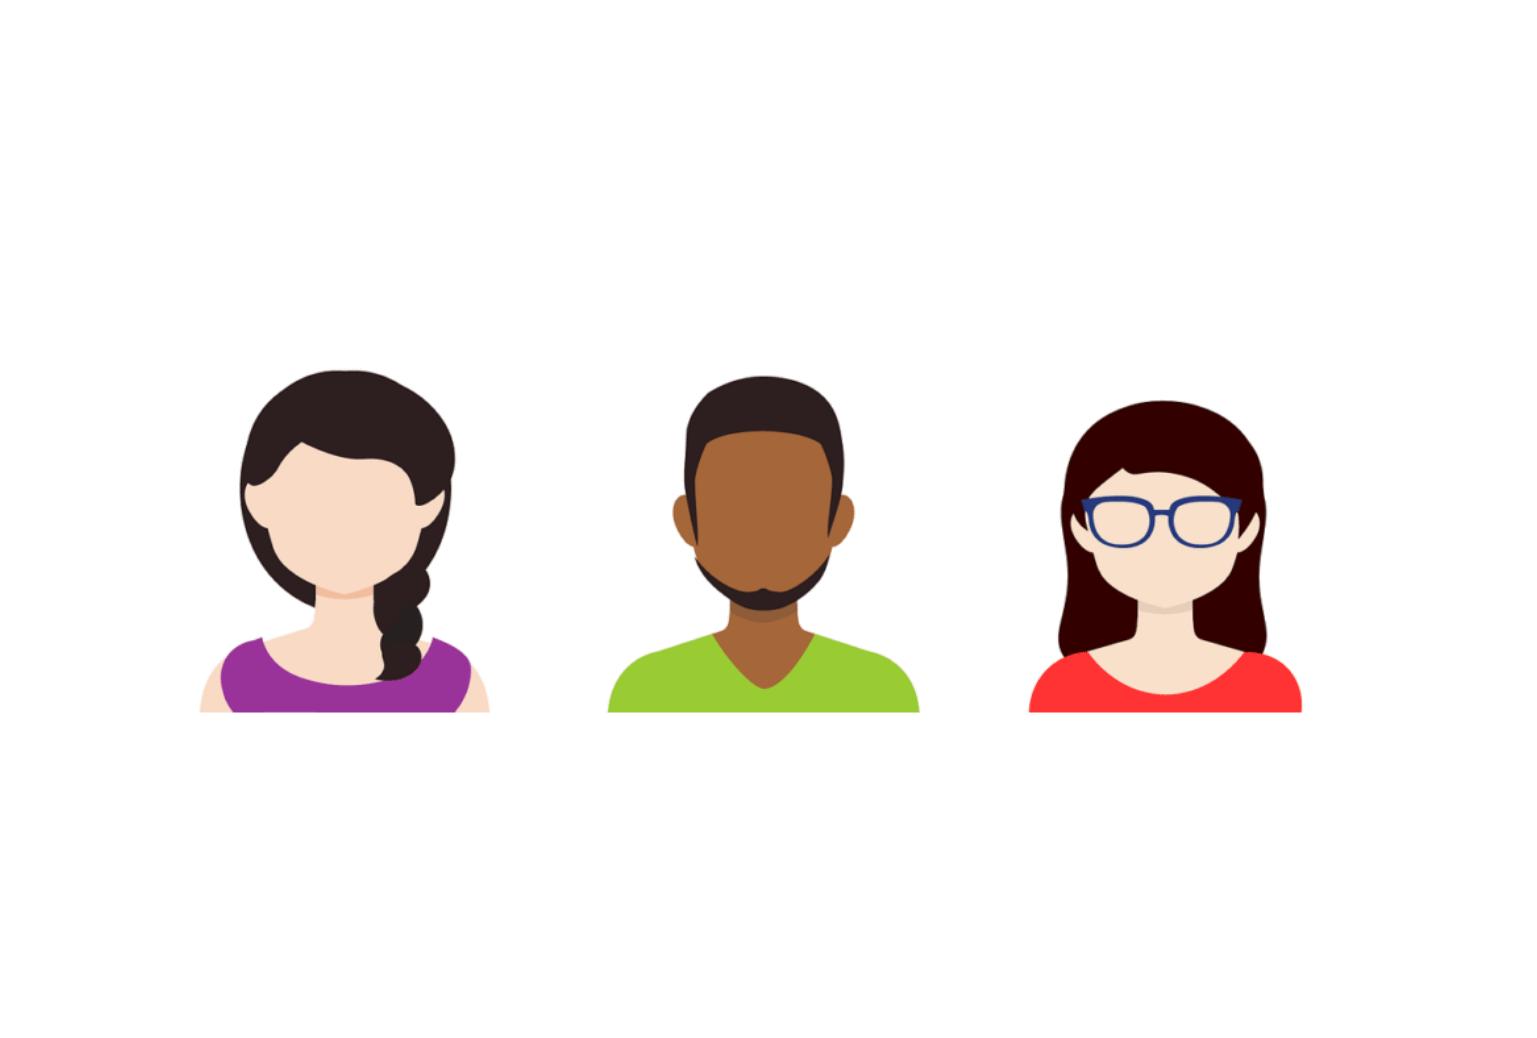 3 avatars de personnes